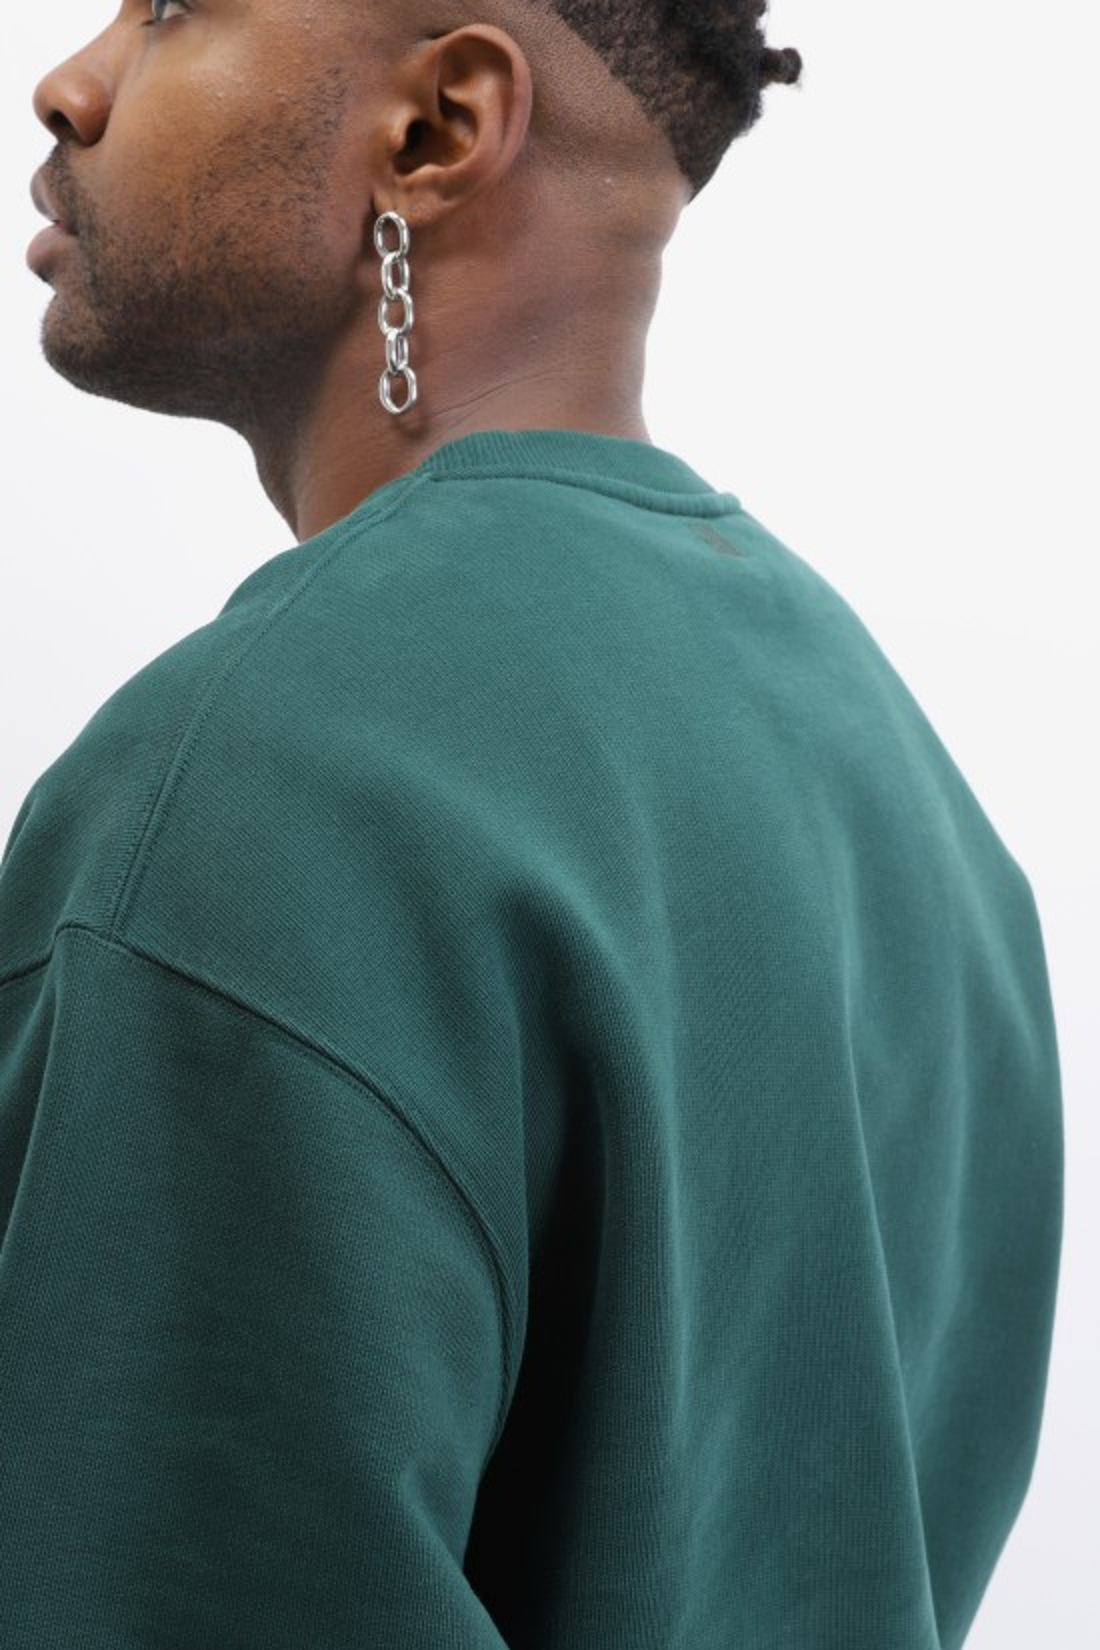 AMI / Sweatshirt ami de coeur Vert